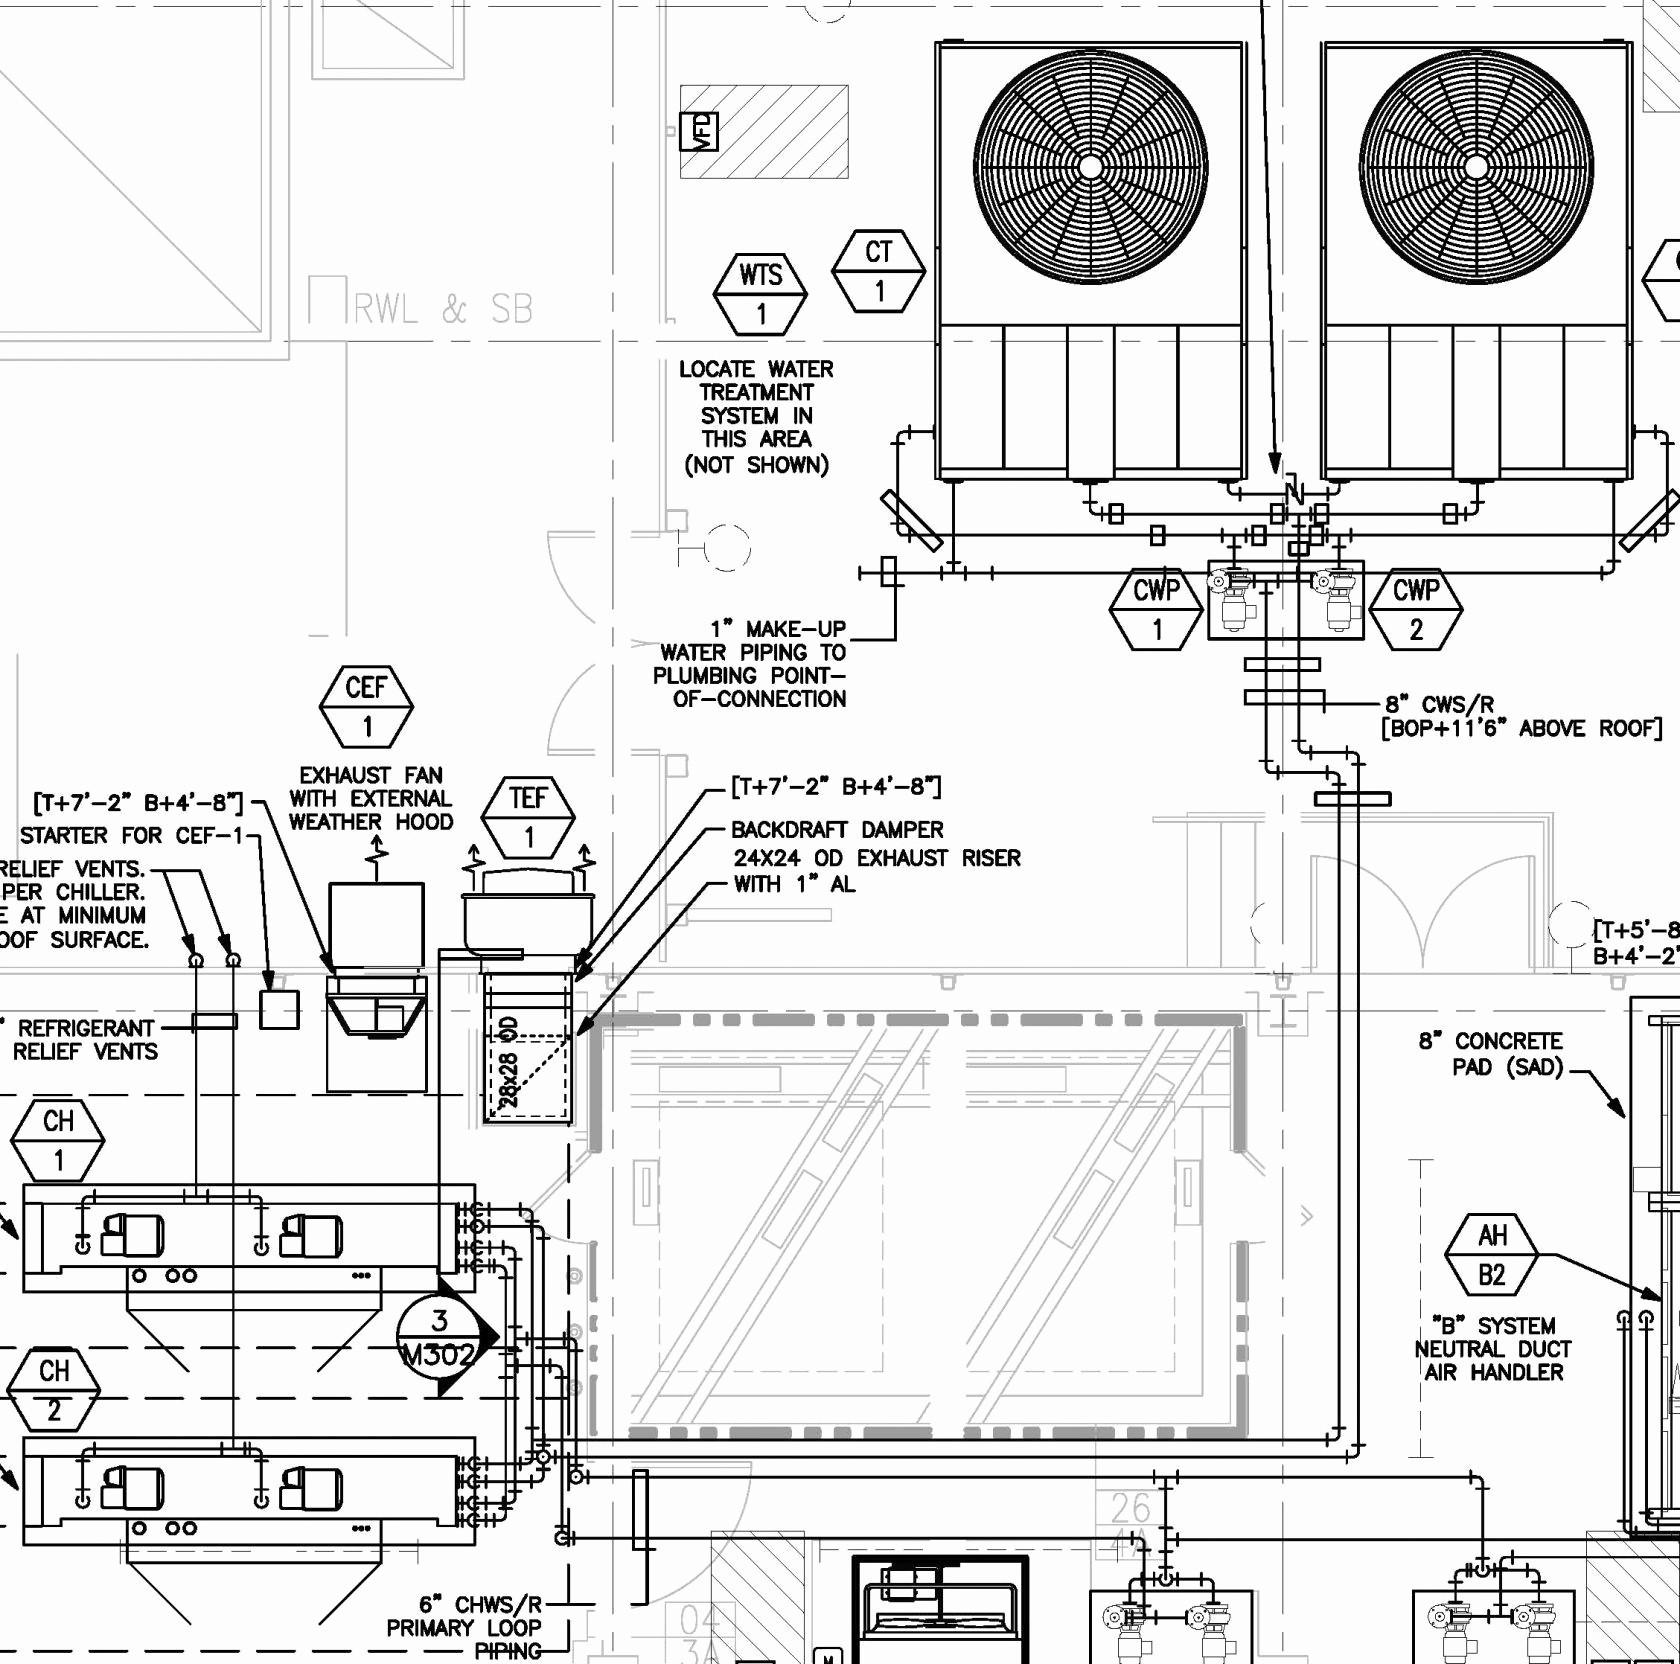 John Deere D130 Wiring Diagram 0. John Deere D130 Tractor ... on